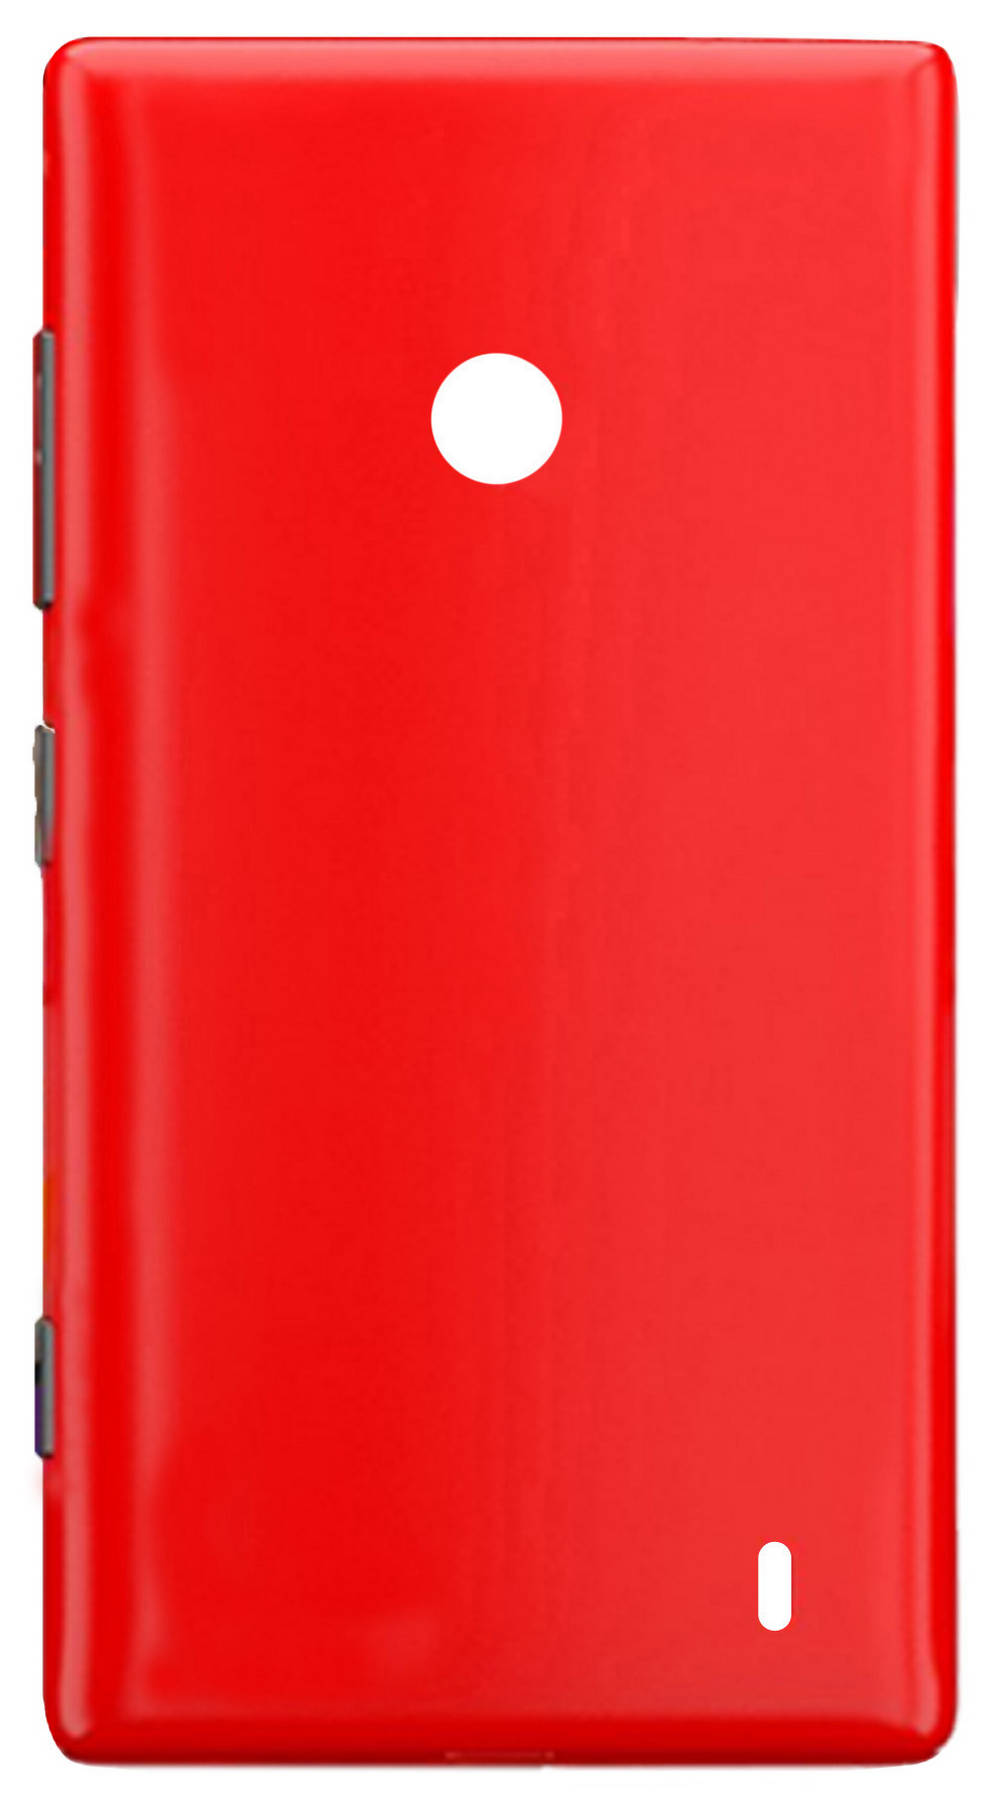 Καπάκι Μπαταρίας Nokia Lumia 520/525  Κόκκινο Swap με Εξωτερικά Πλαϊνά Πλήκτρα